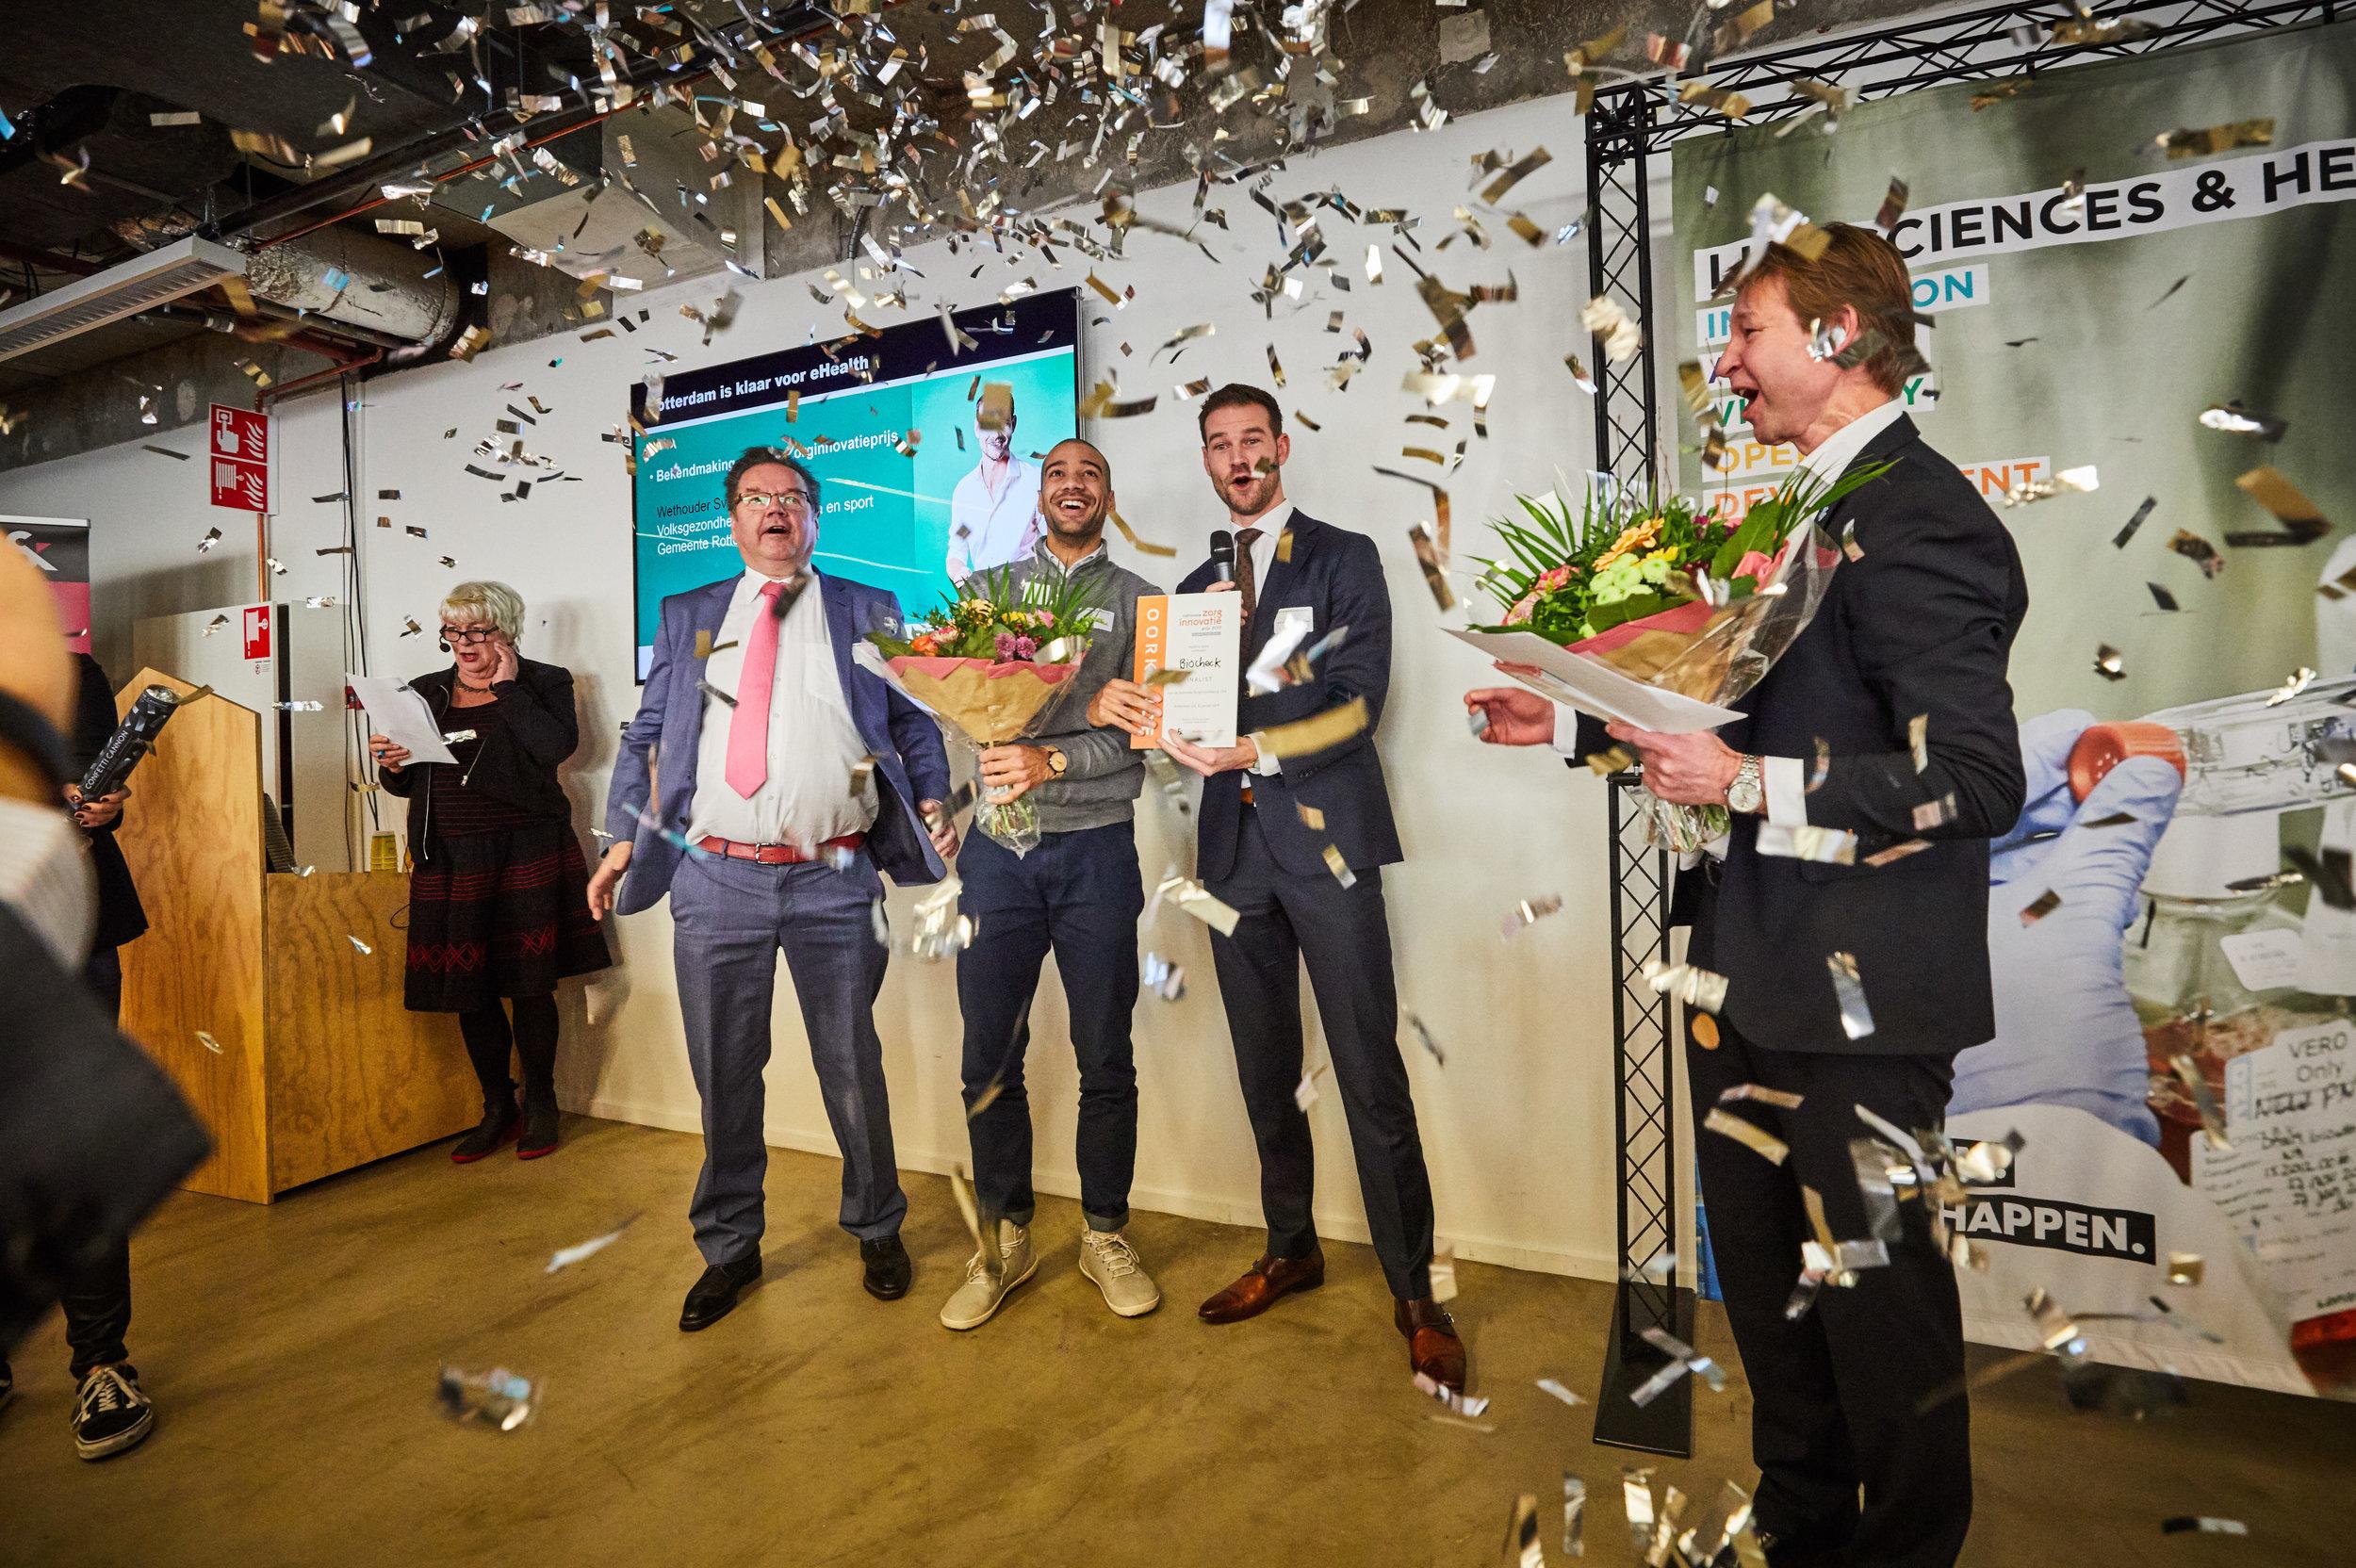 Uitreiking feest Zorginnovatieprijs Jan-Willem Hoogeweegen Thuishulp Rotterdam jdg_23-01-19_e-health_IB5A8707.jpg